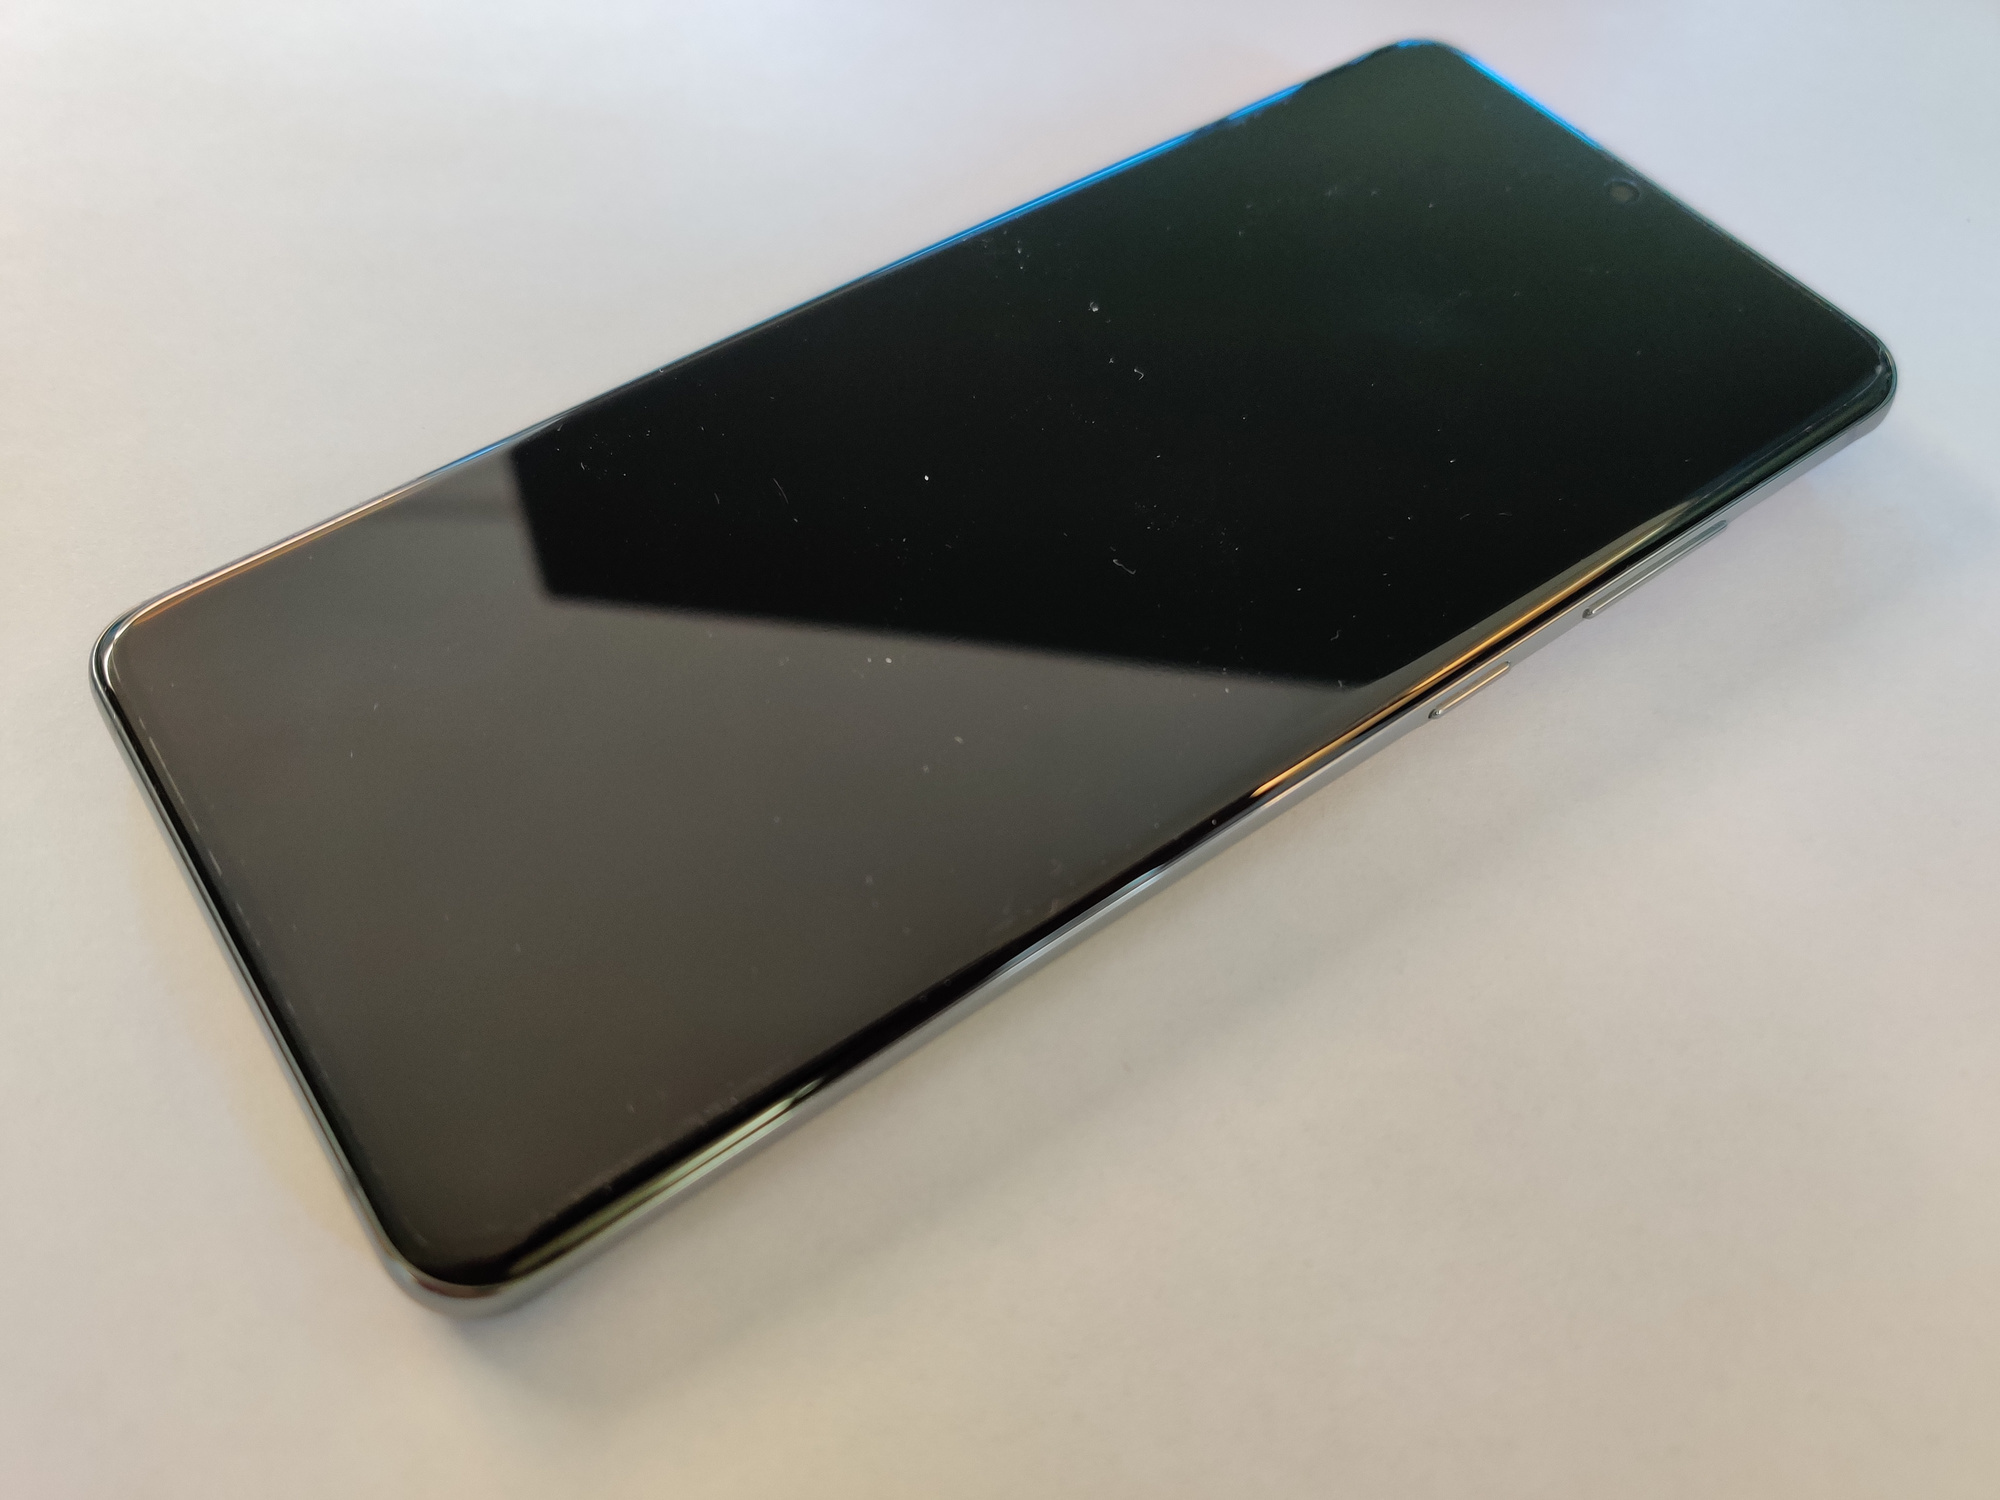 Samsung Galaxy S20 Ultra, PVL